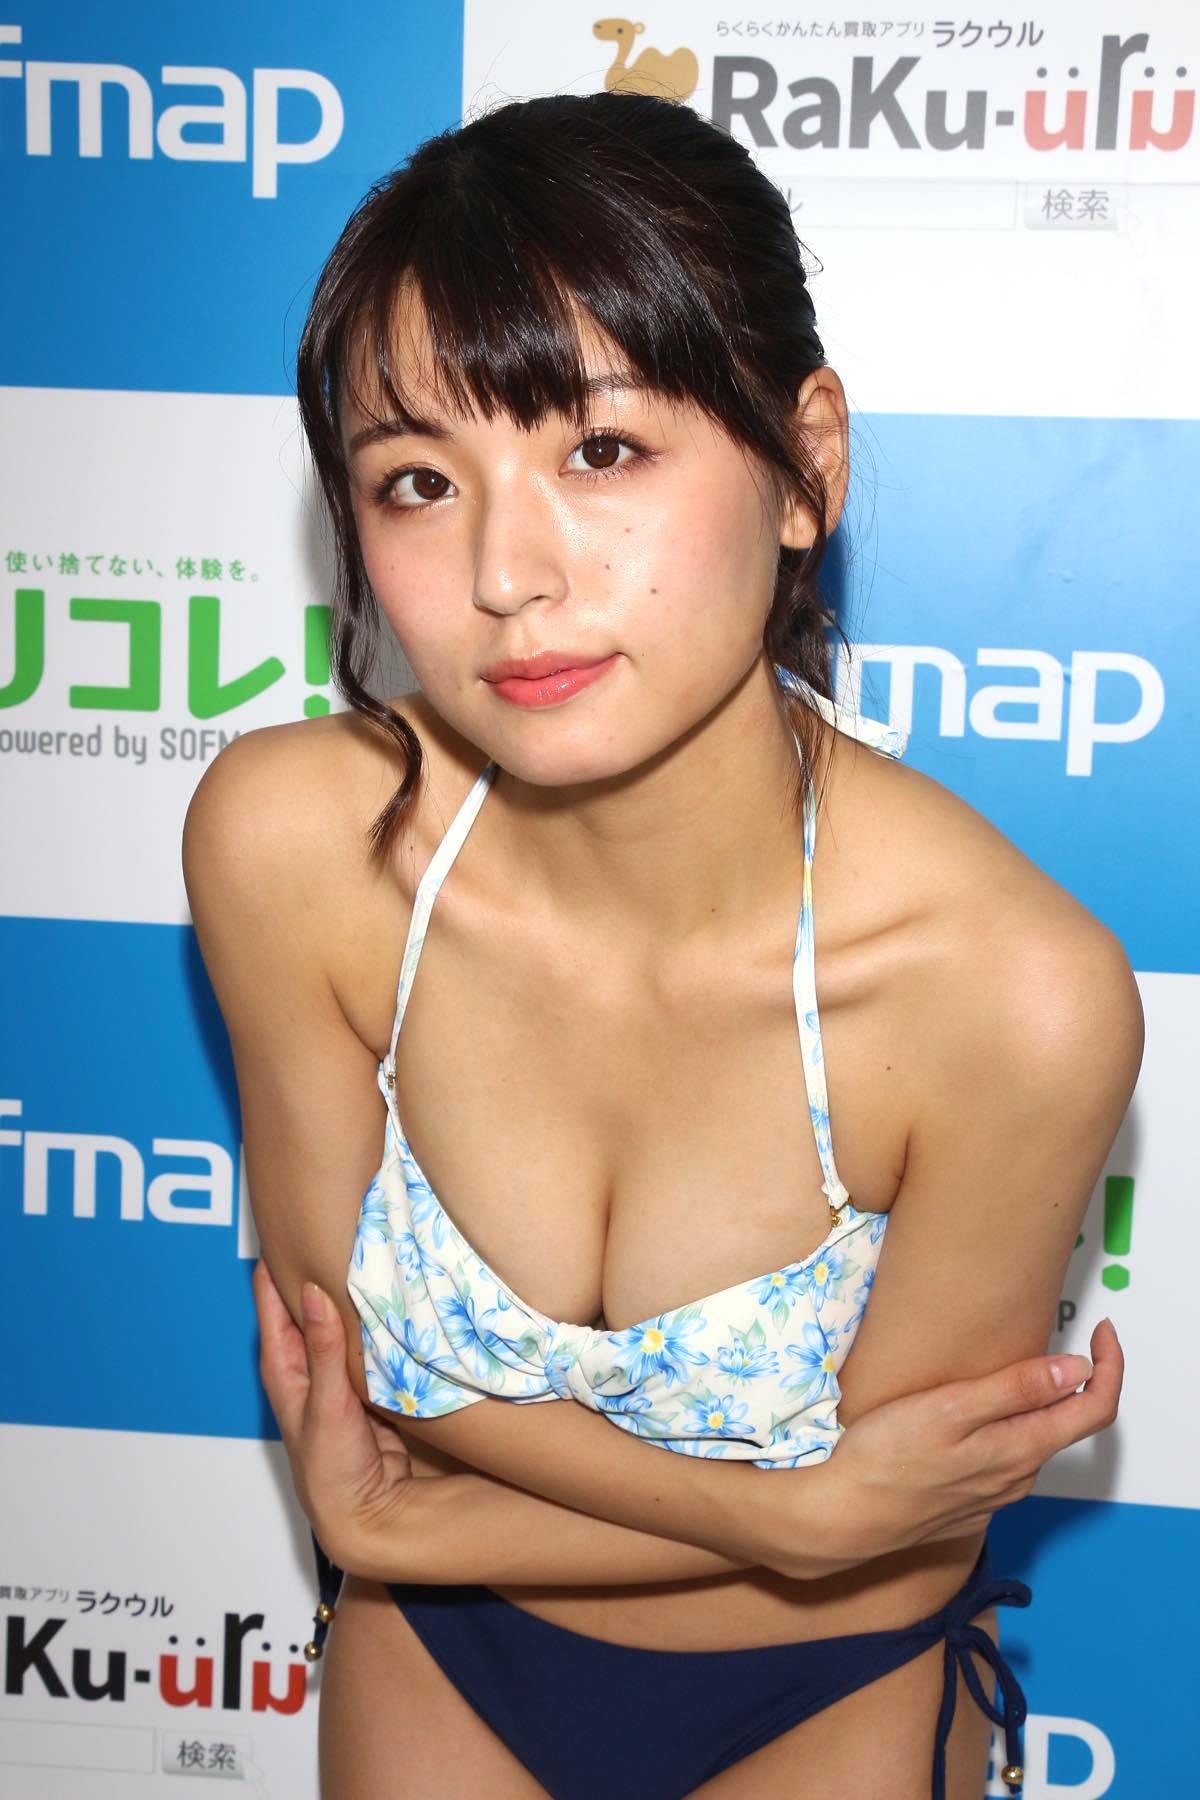 竹本茉莉「ハミ出てビックリ」最後のビキニ姿を大公開!【写真34枚】の画像020